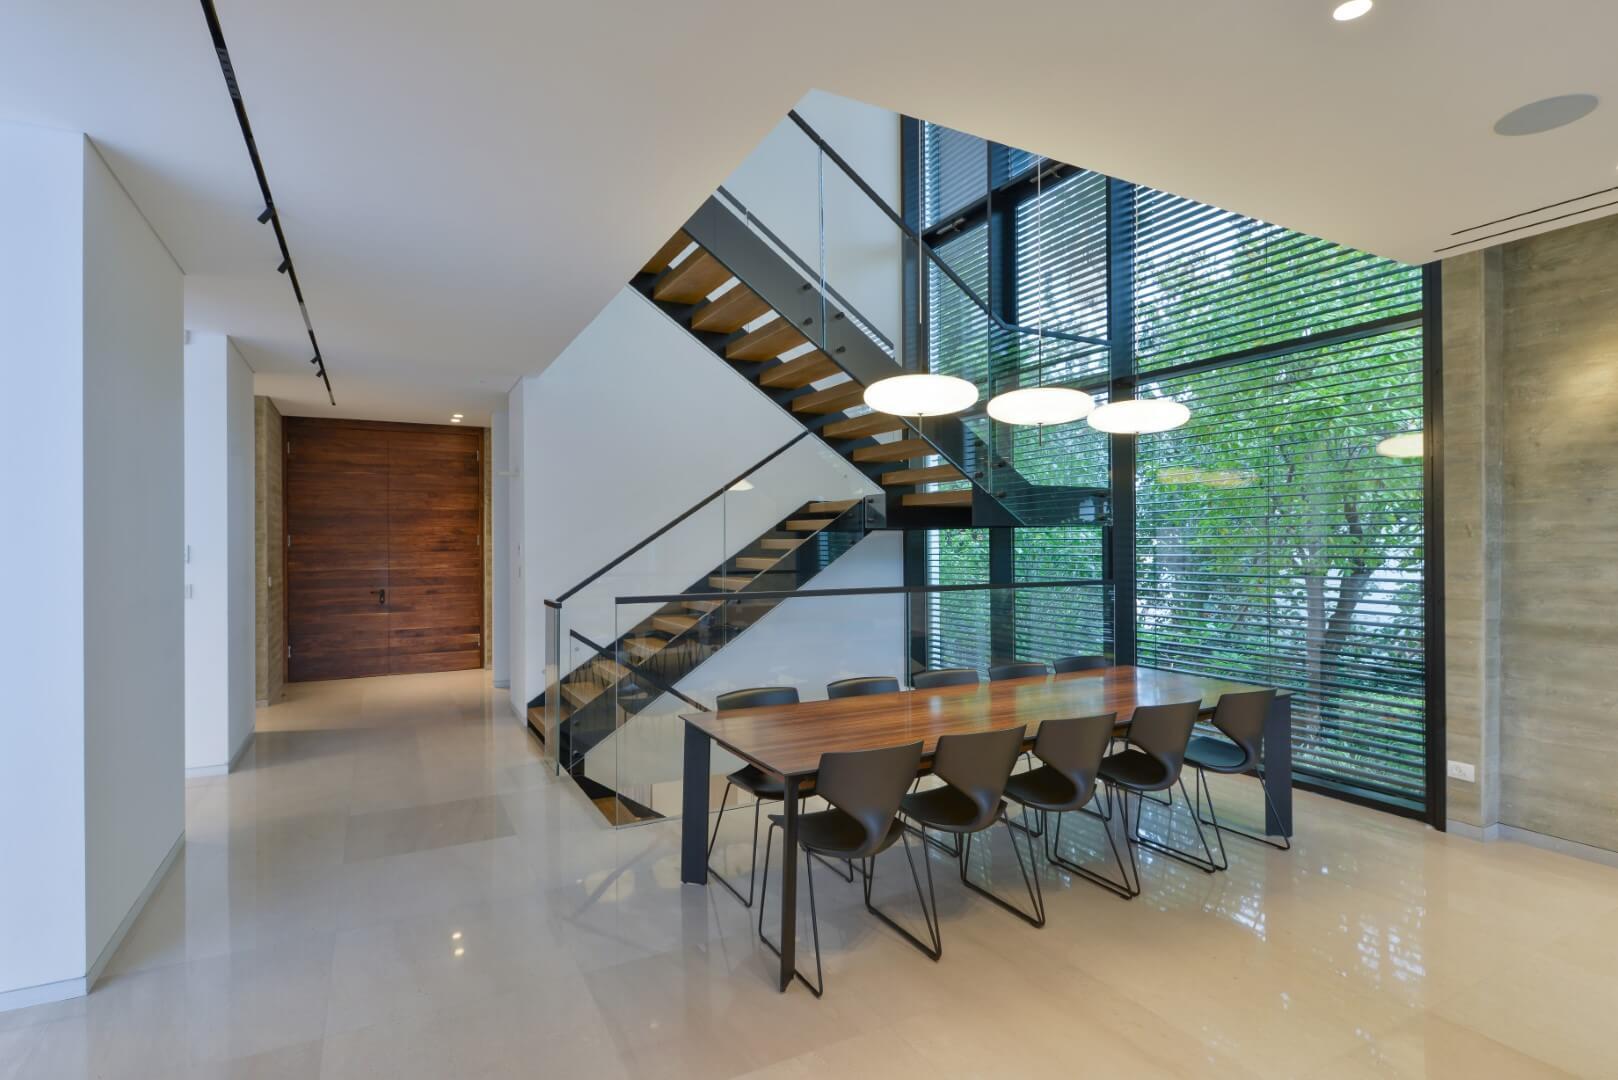 שני גרמי מדרגות עץ בנוים בתוך קונסטרוקצית ברזל שחור עם מעקה זכוכית ומאחז יד ממתכת